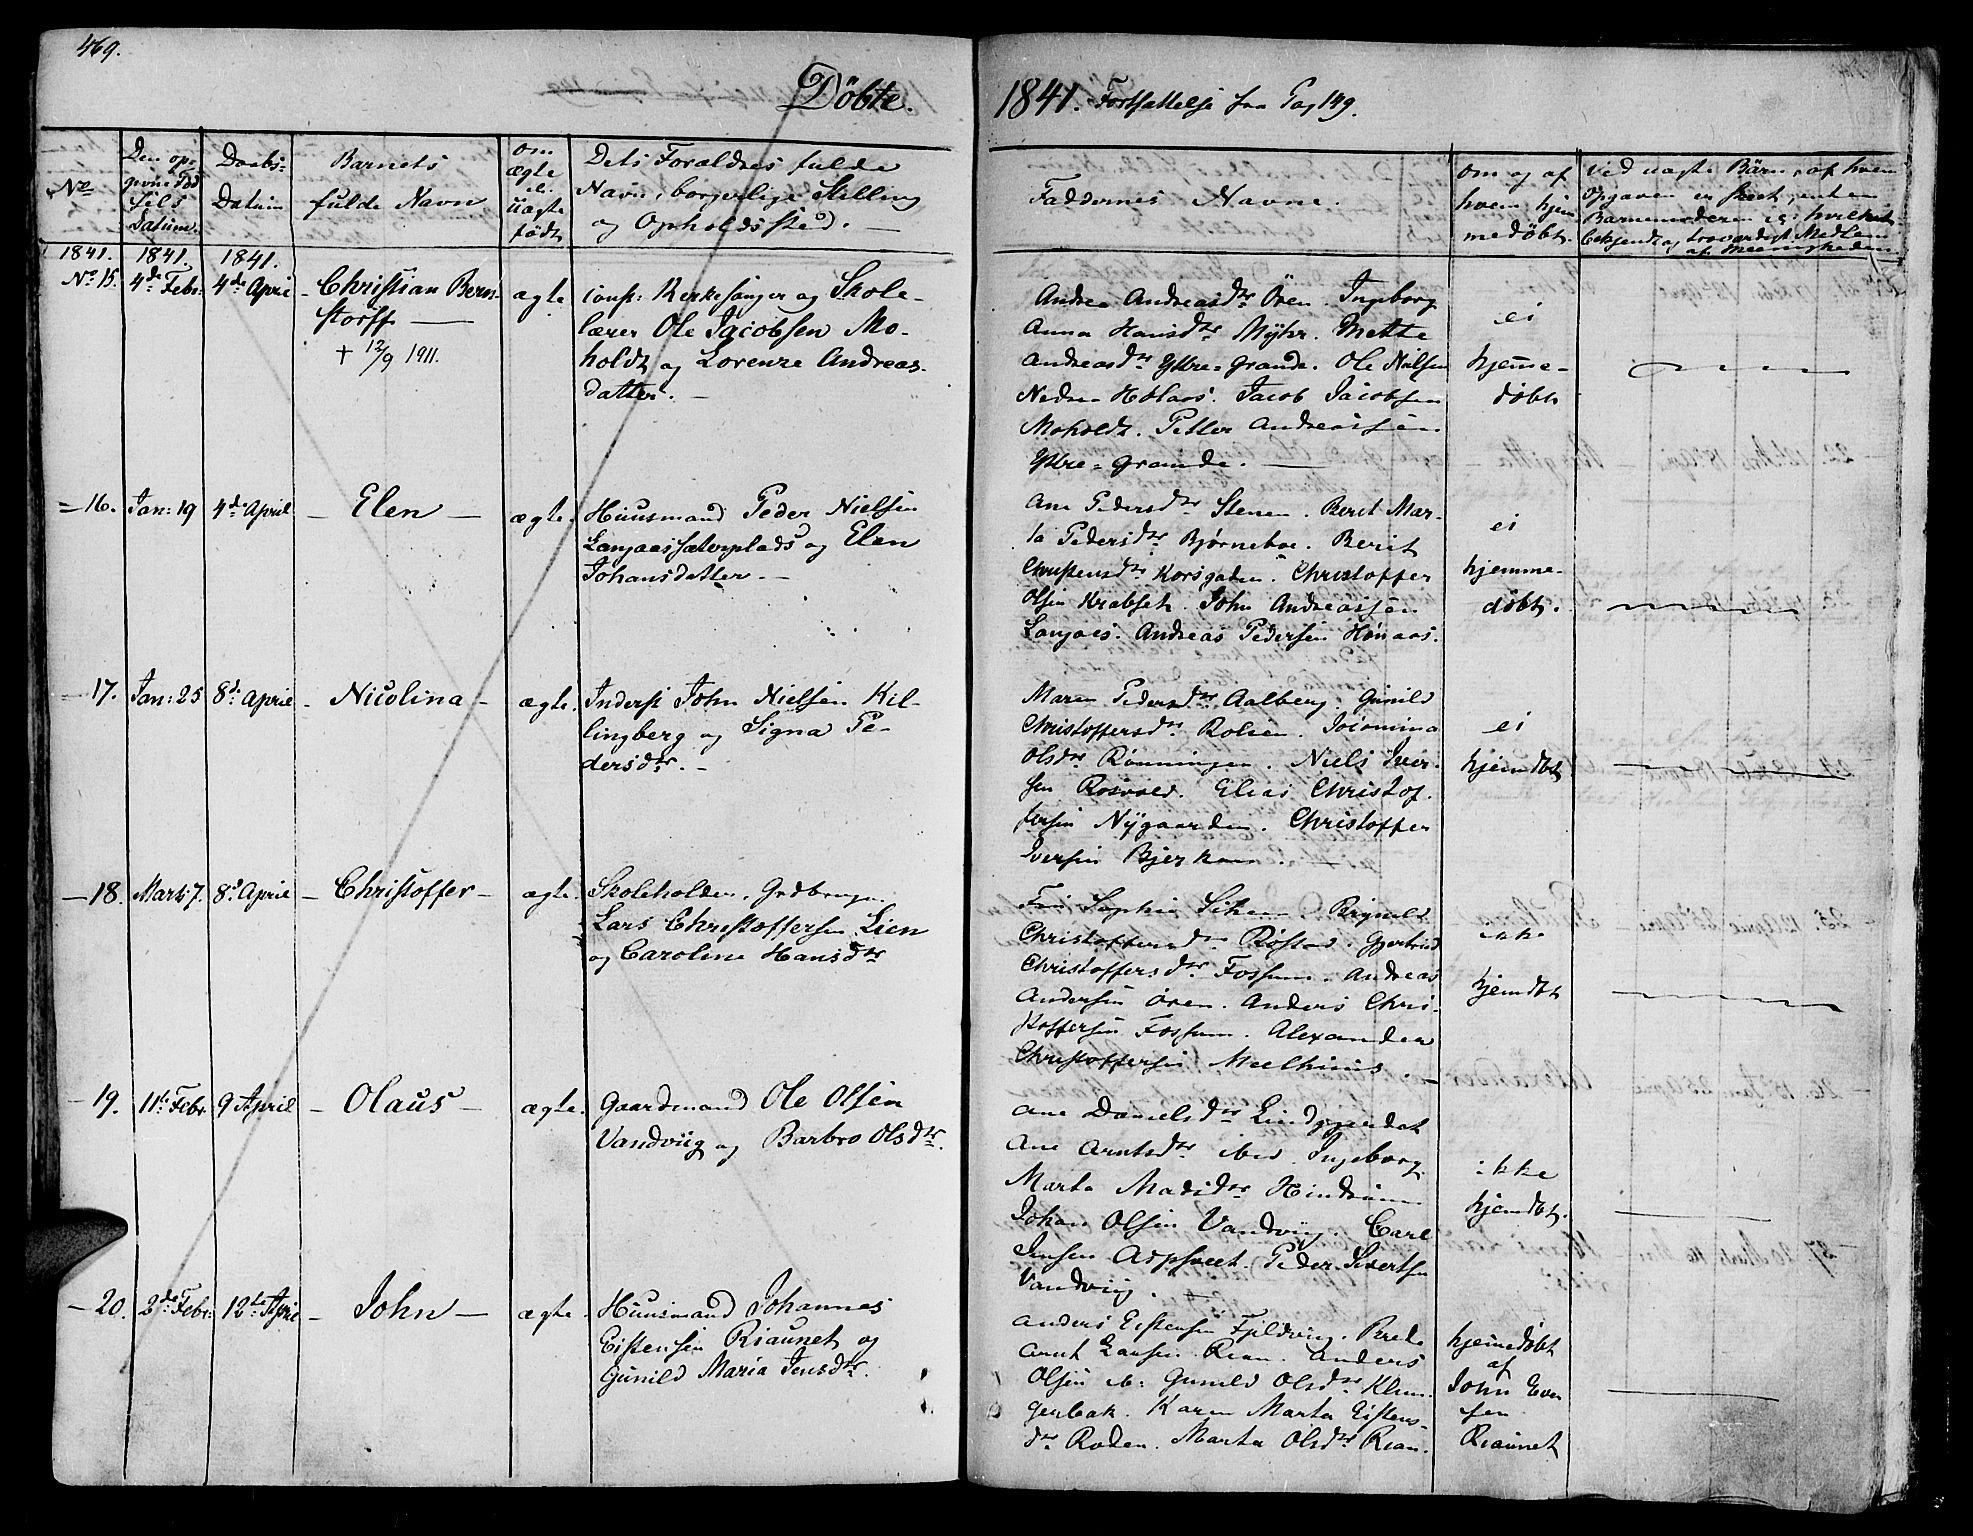 SAT, Ministerialprotokoller, klokkerbøker og fødselsregistre - Nord-Trøndelag, 701/L0006: Ministerialbok nr. 701A06, 1825-1841, s. 469